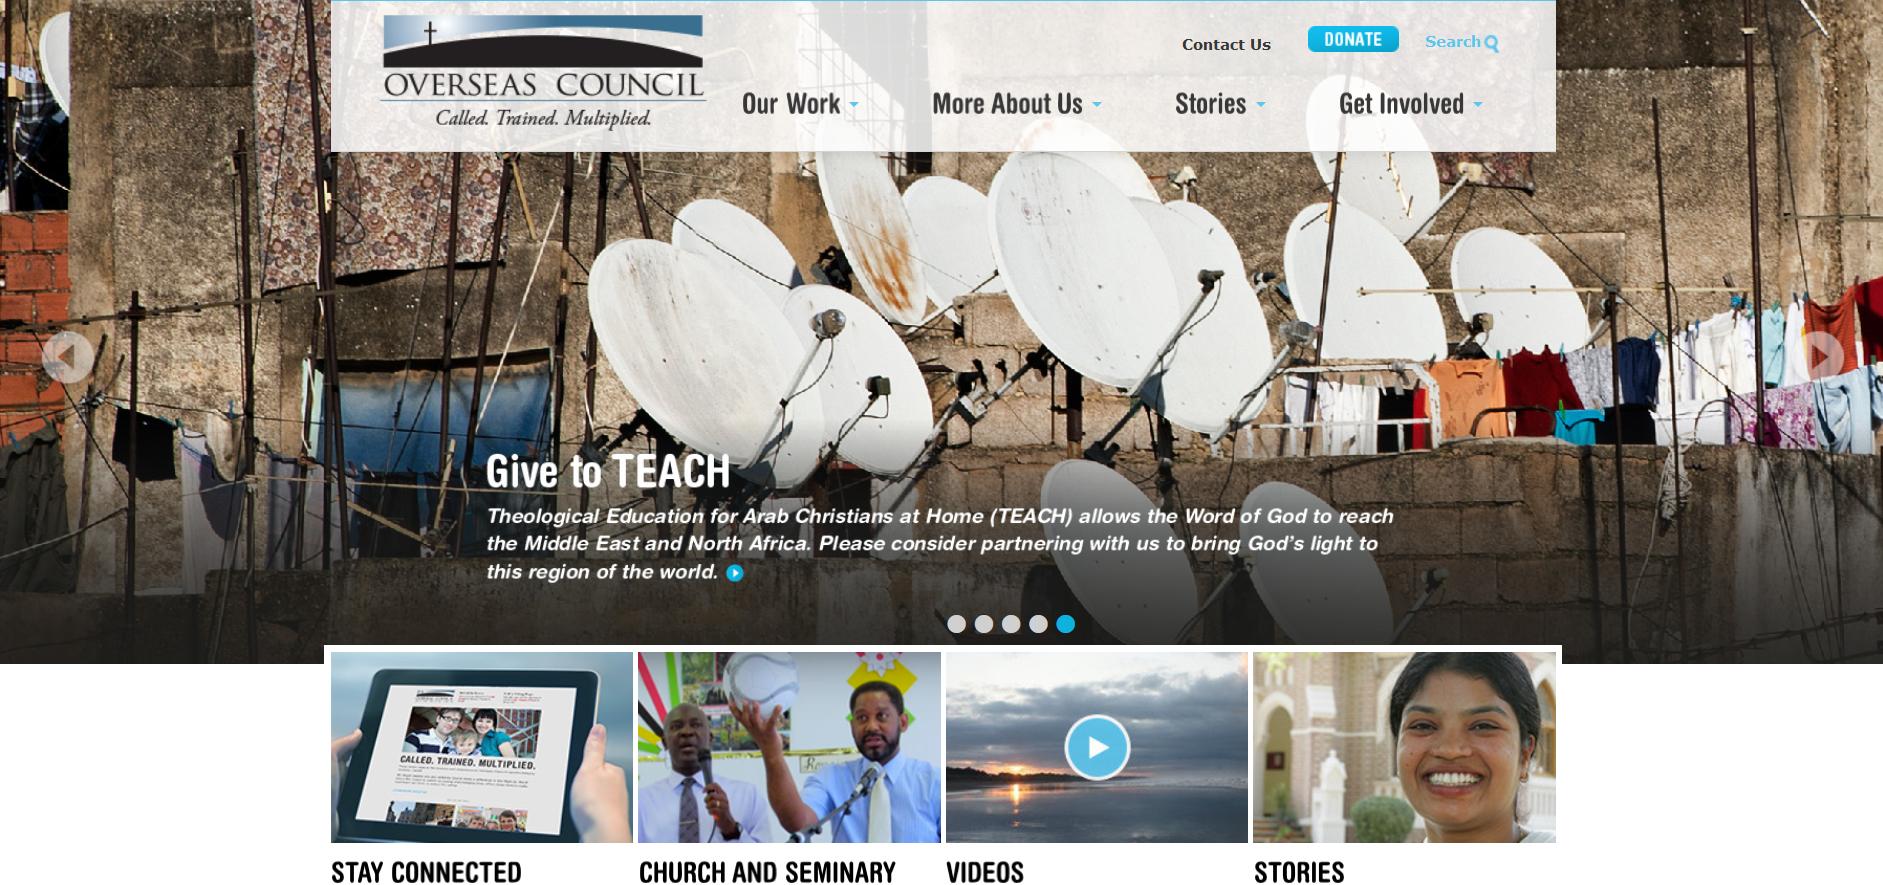 Overseas Council' - overseas_org